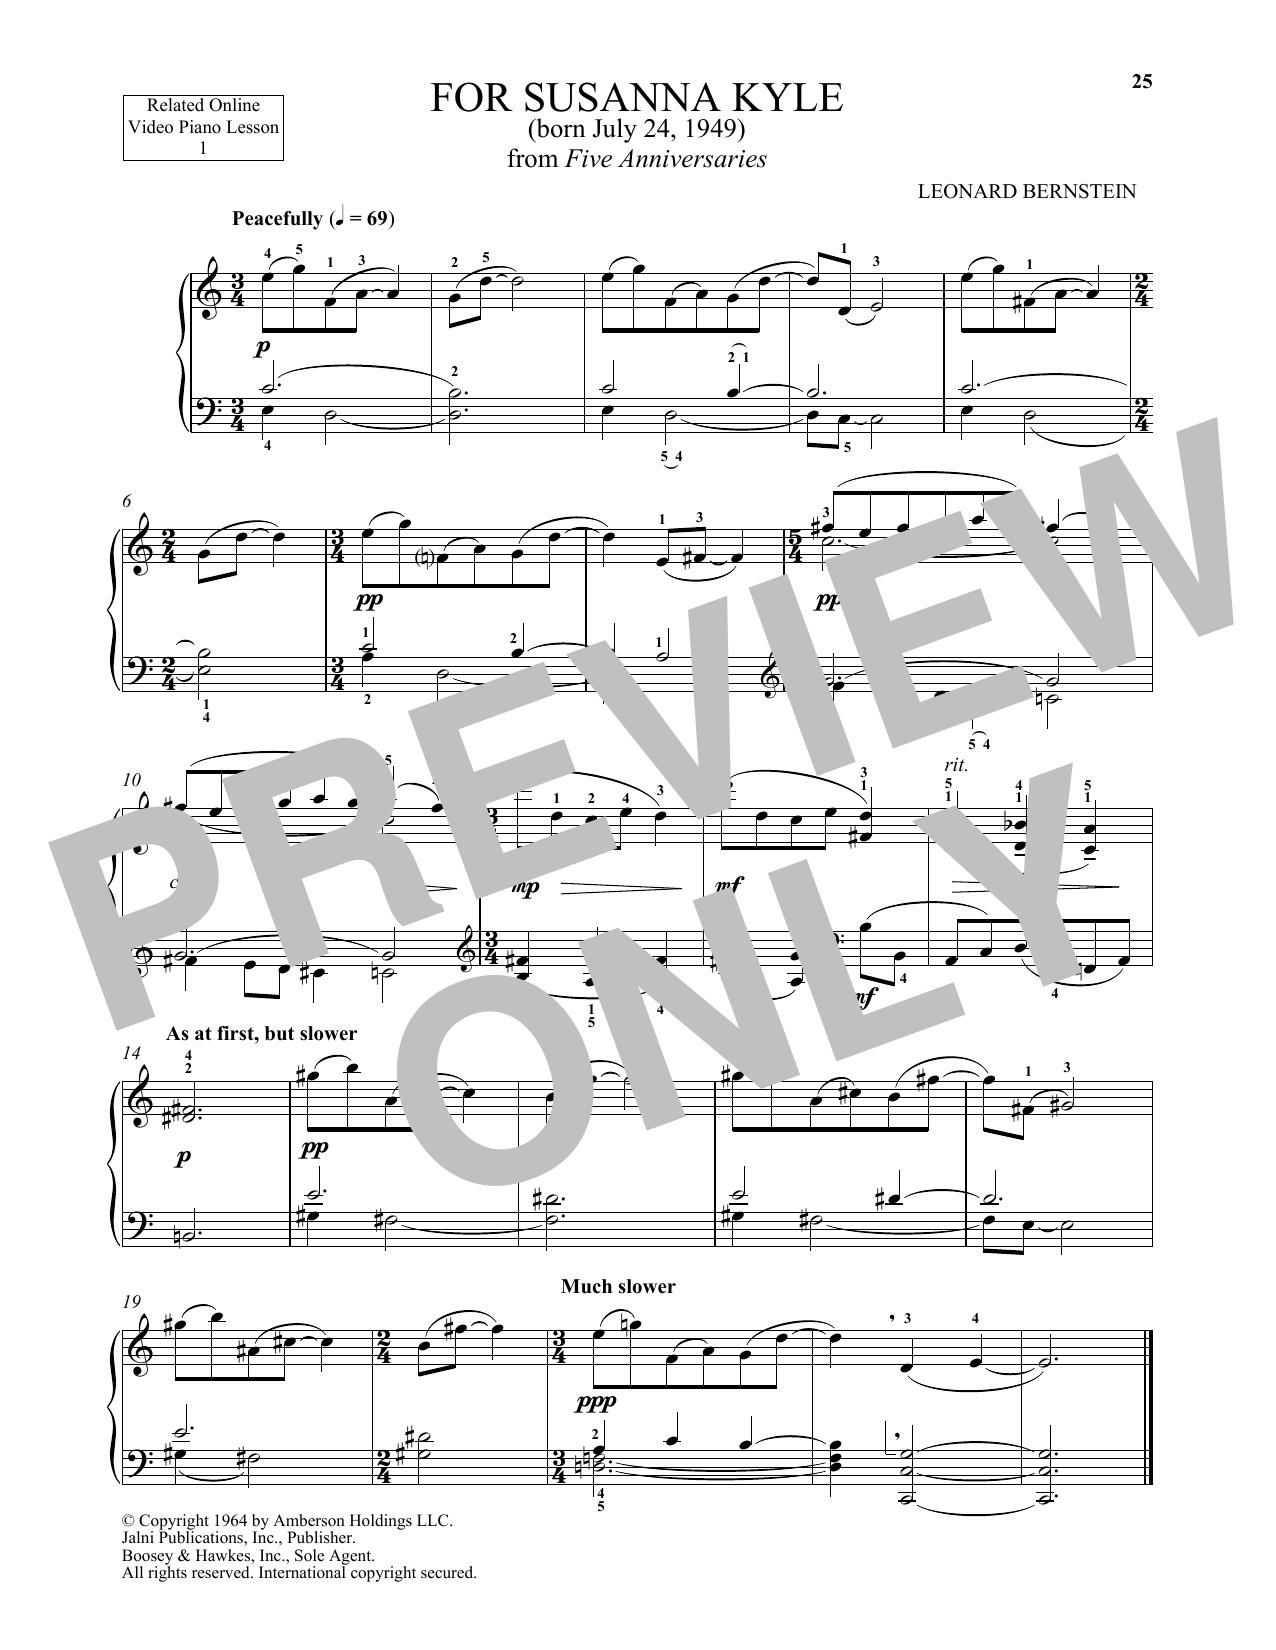 For Susanna Kyle (Piano Solo)